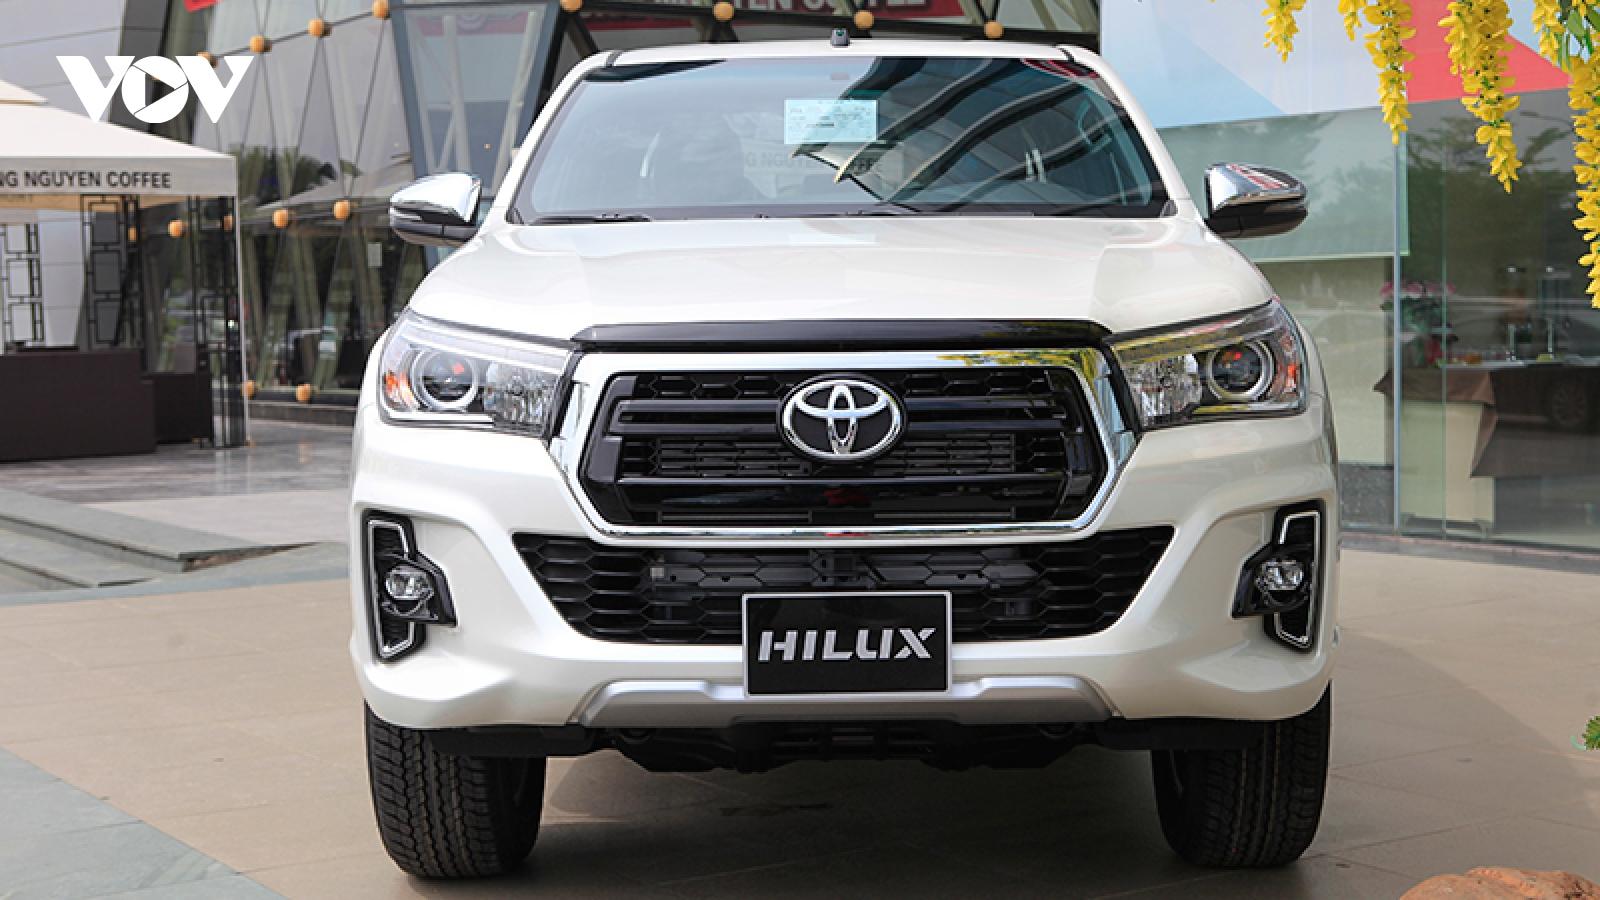 Triệu hồi Toyota Hilux vì có thể mất trợ lực phanh